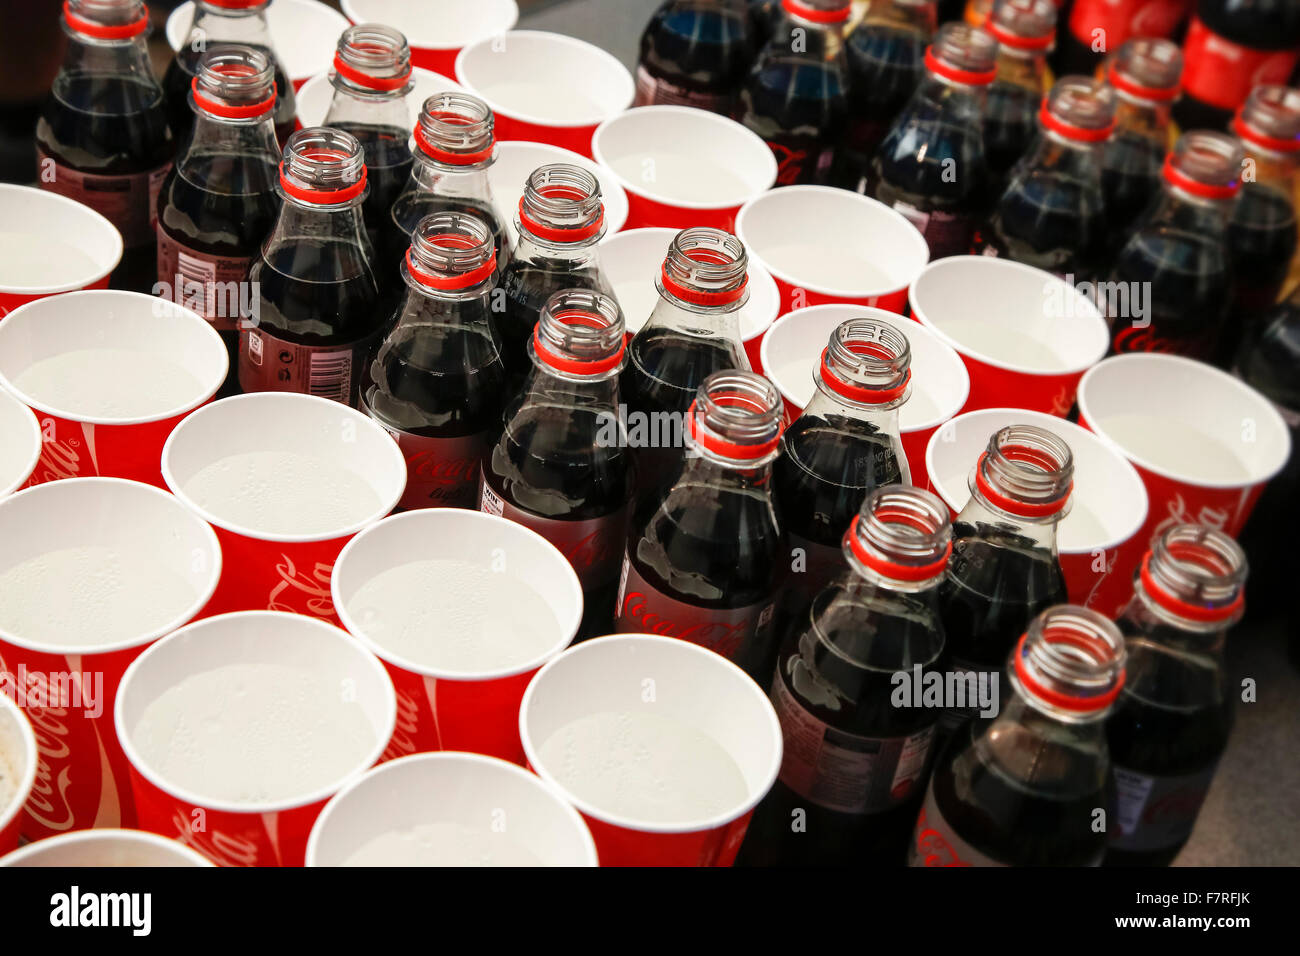 coca cola bottles stockfotos coca cola bottles bilder. Black Bedroom Furniture Sets. Home Design Ideas